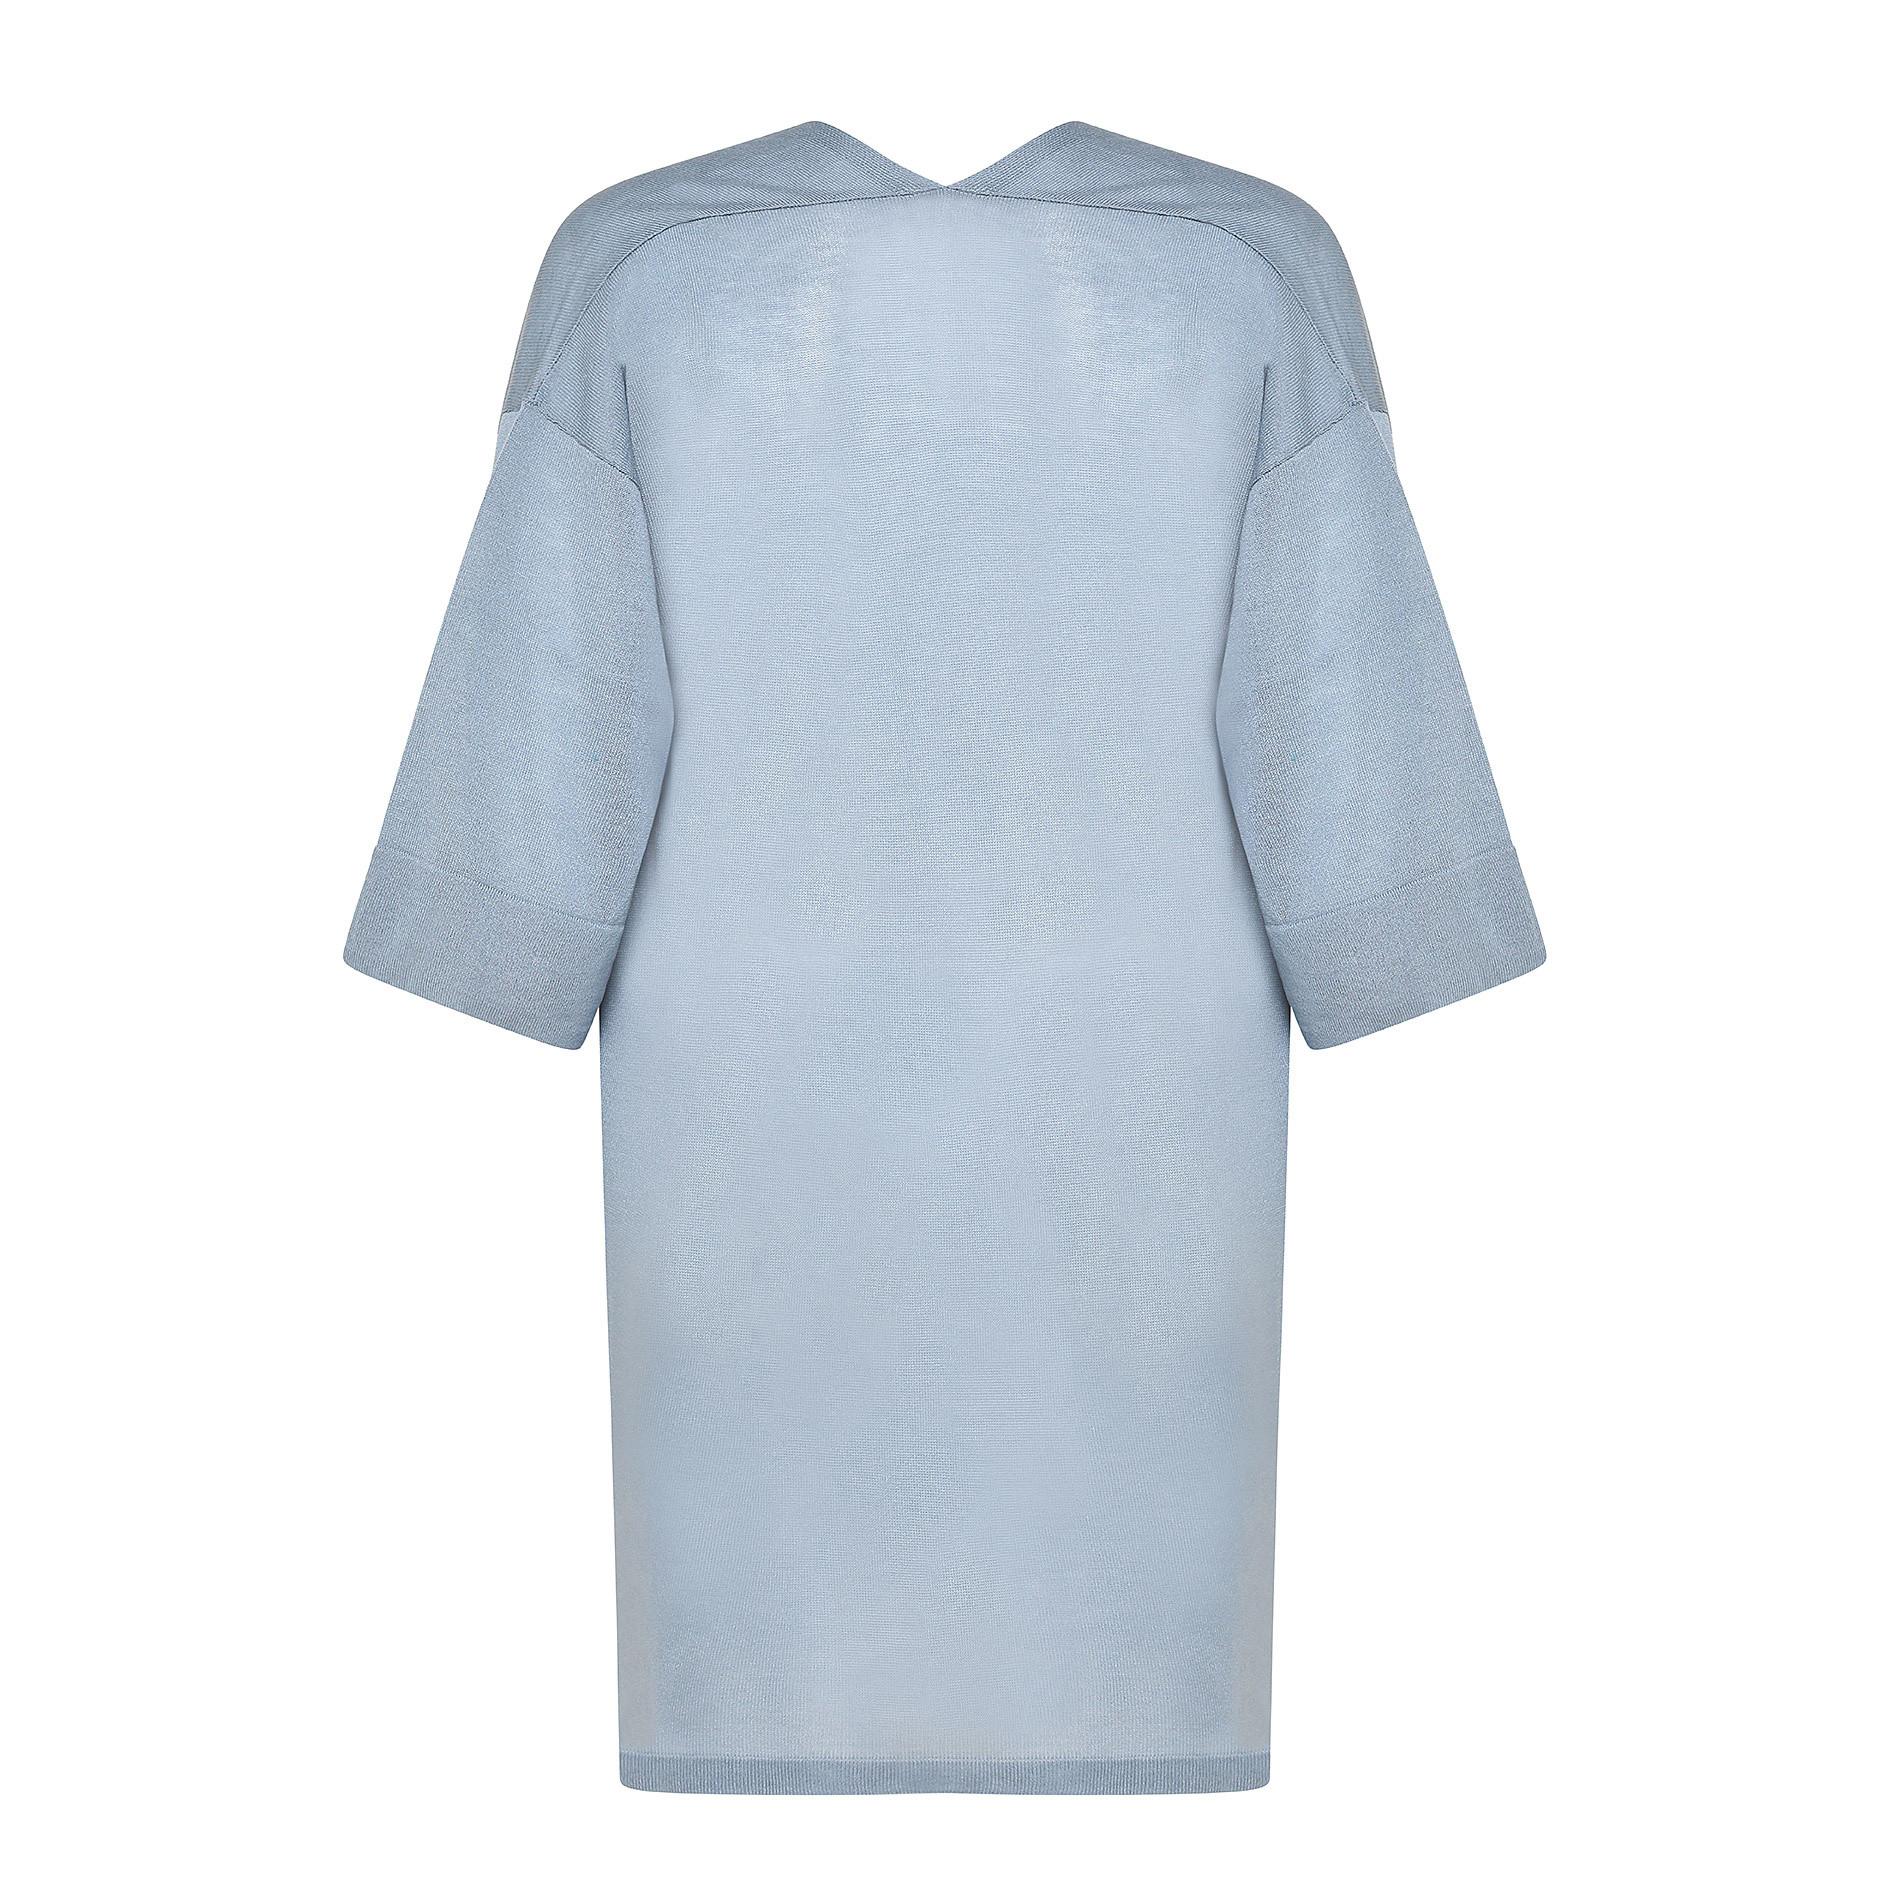 Cardigan over maglia leggera Koan, Azzurro, large image number 1